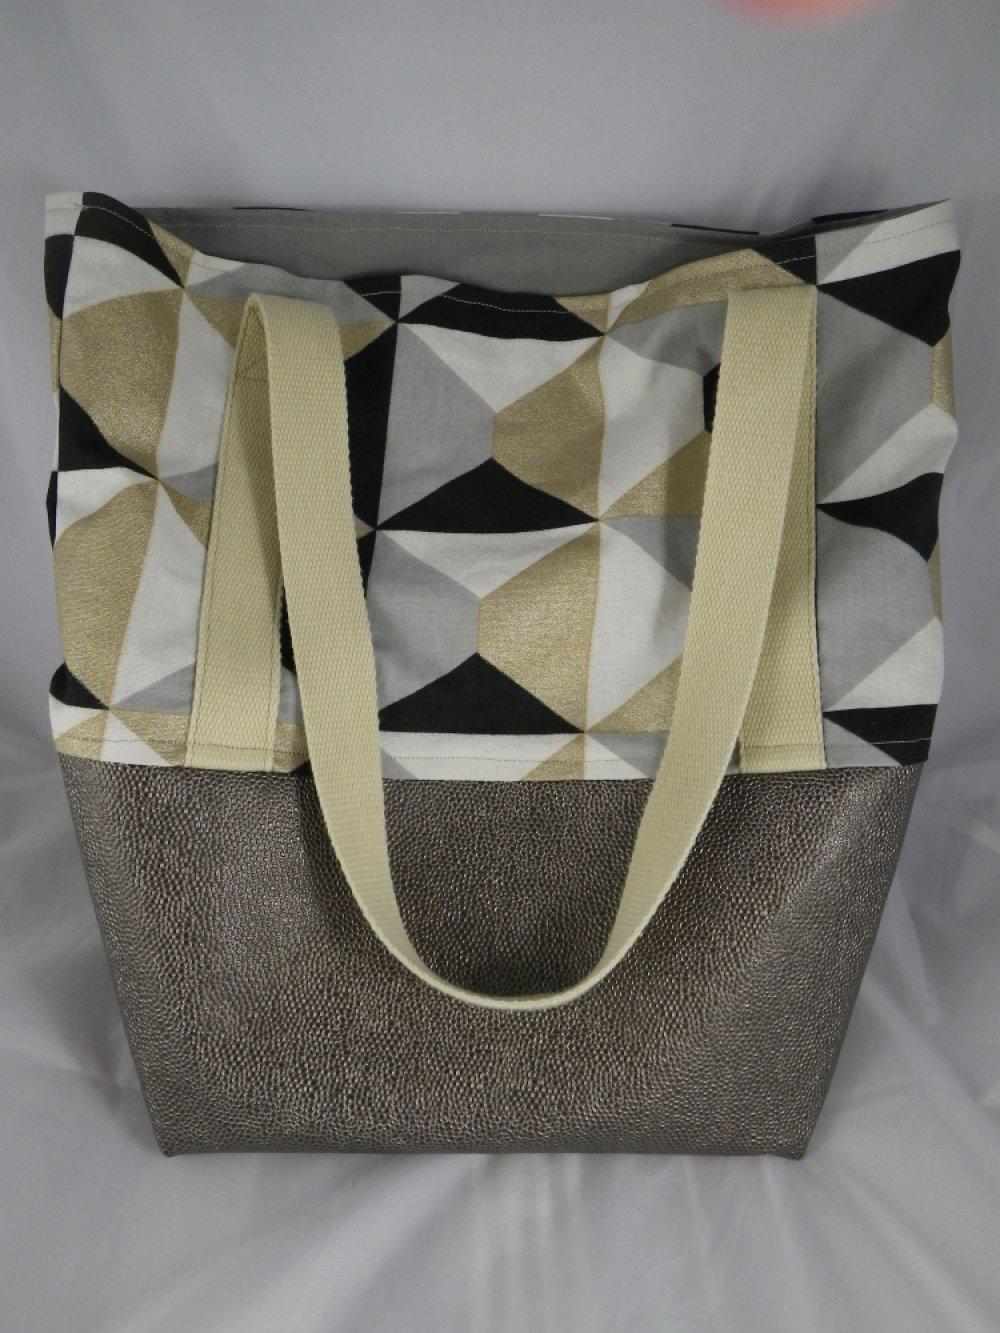 Sac à main cabas motifs géométriques noirs, gris, blancs et dorés